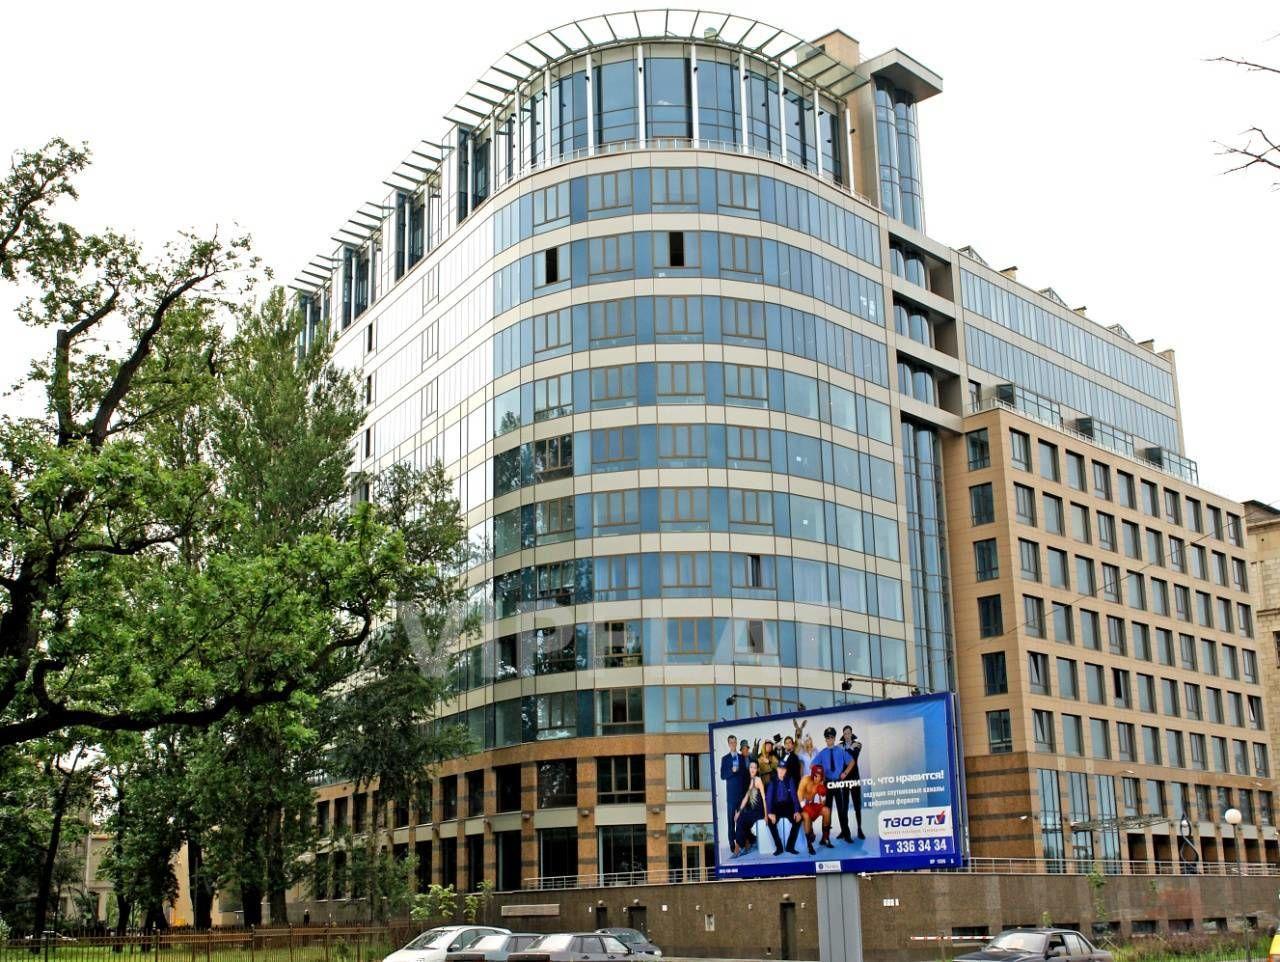 Продажа элитных квартир Санкт-Петербурга. Песочная наб. 12 Вид на дом